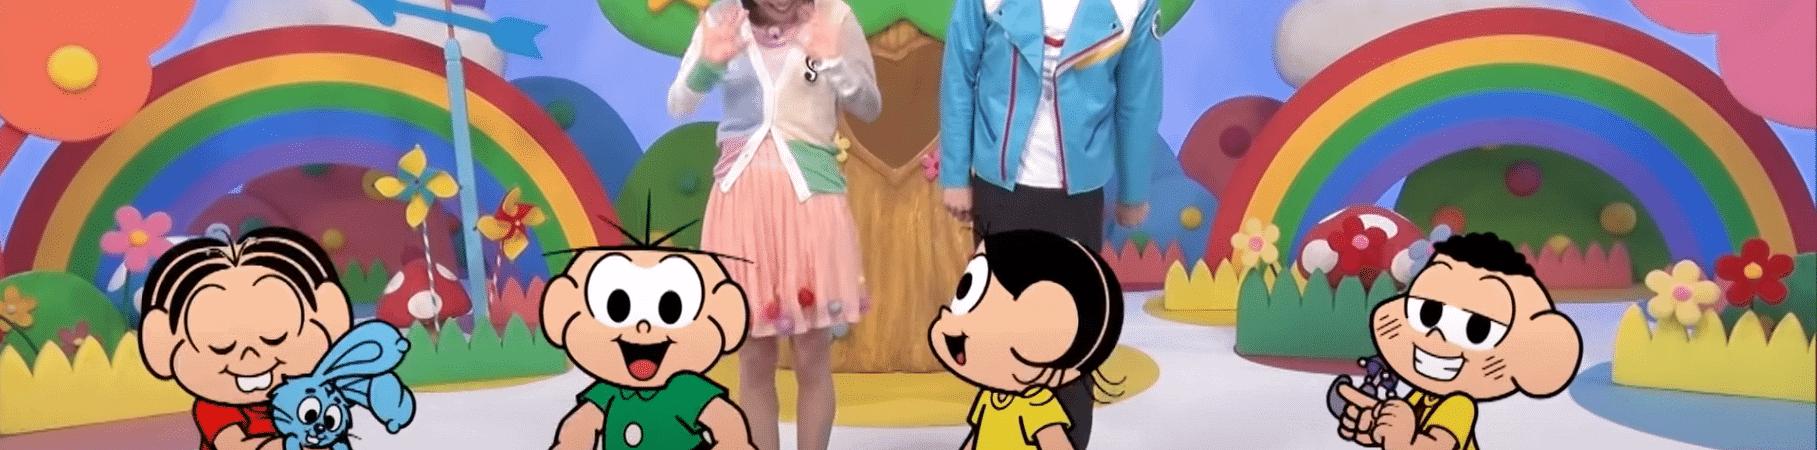 'TURMA DA MÔNICA' GANHA EXIBIÇÃO EM PROGRAMA INFANTIL JAPONÊS. Imagem: Kids Station TV/Reprodução